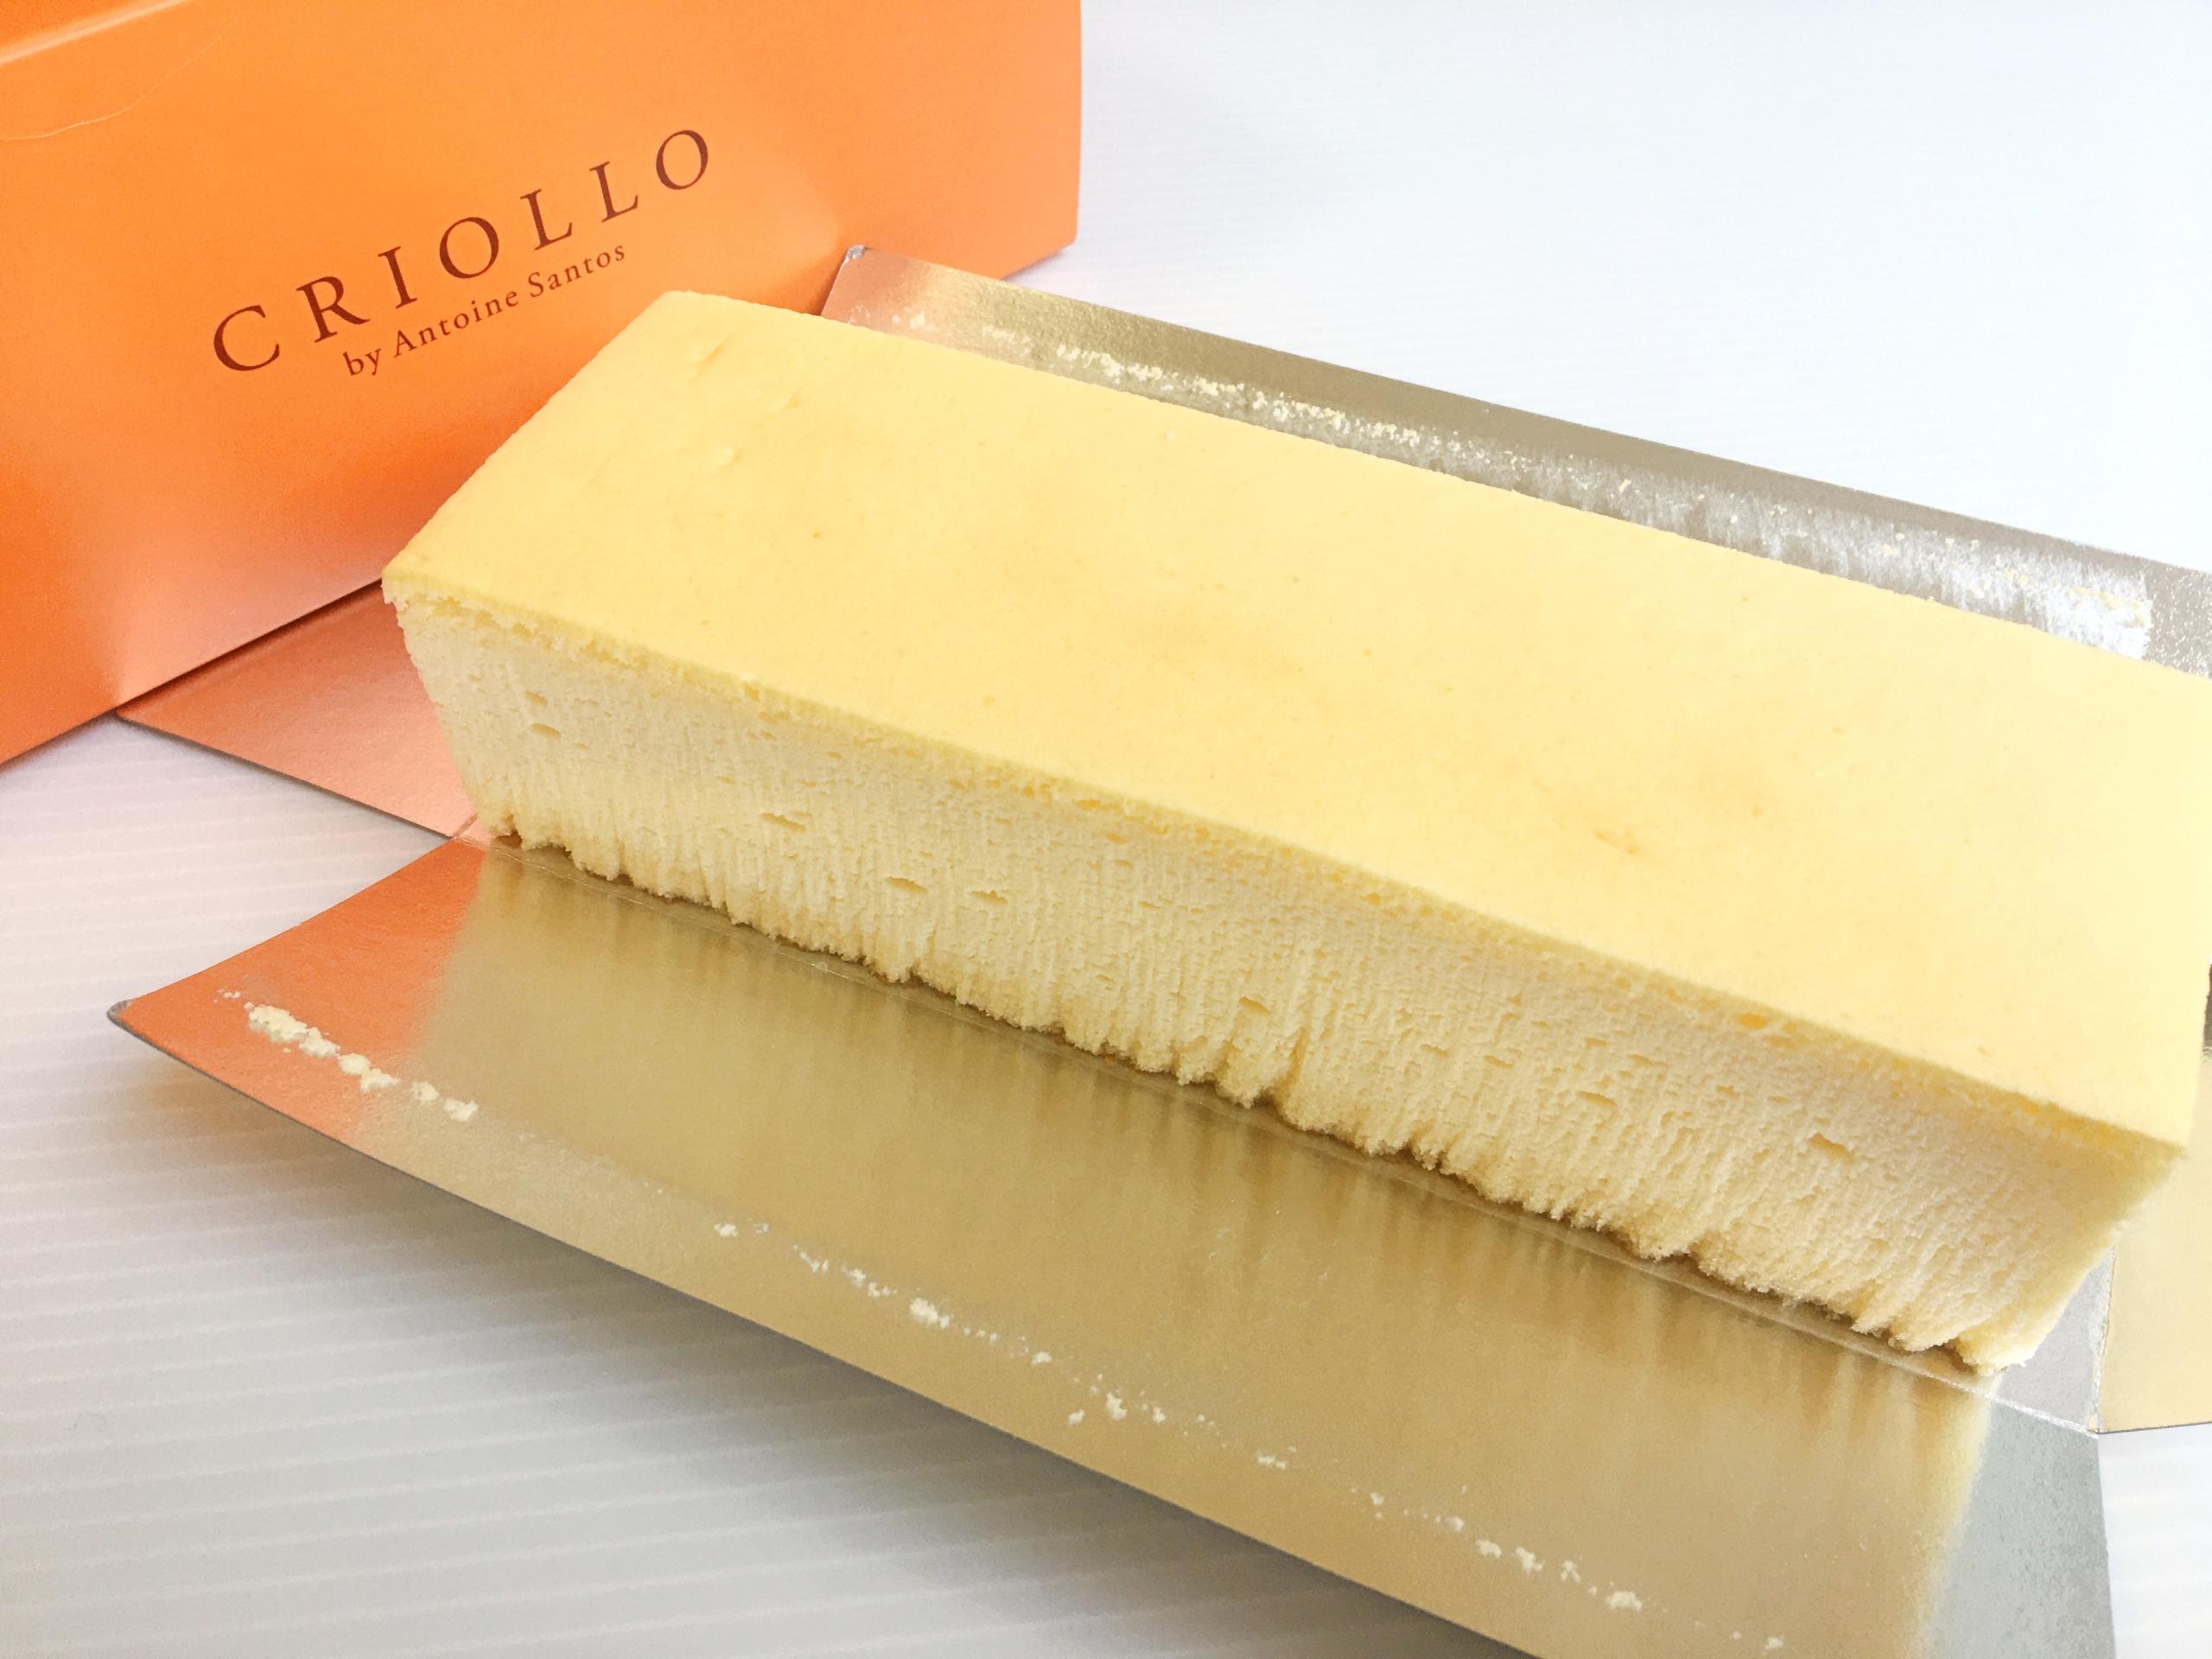 クリオロ チーズケーキ